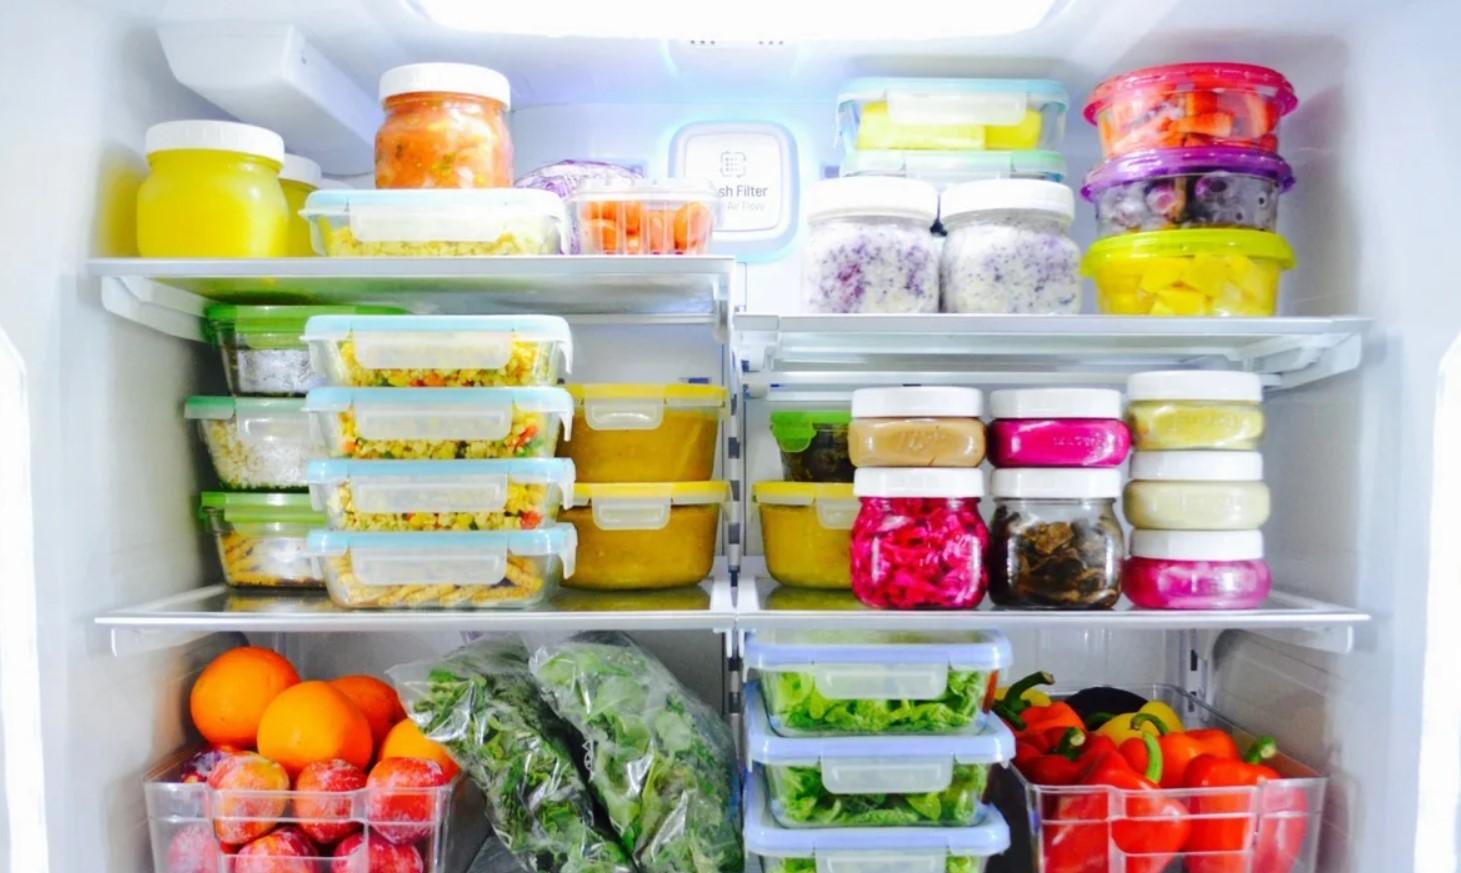 Правильно разложенные продукты в электрохолодильнике